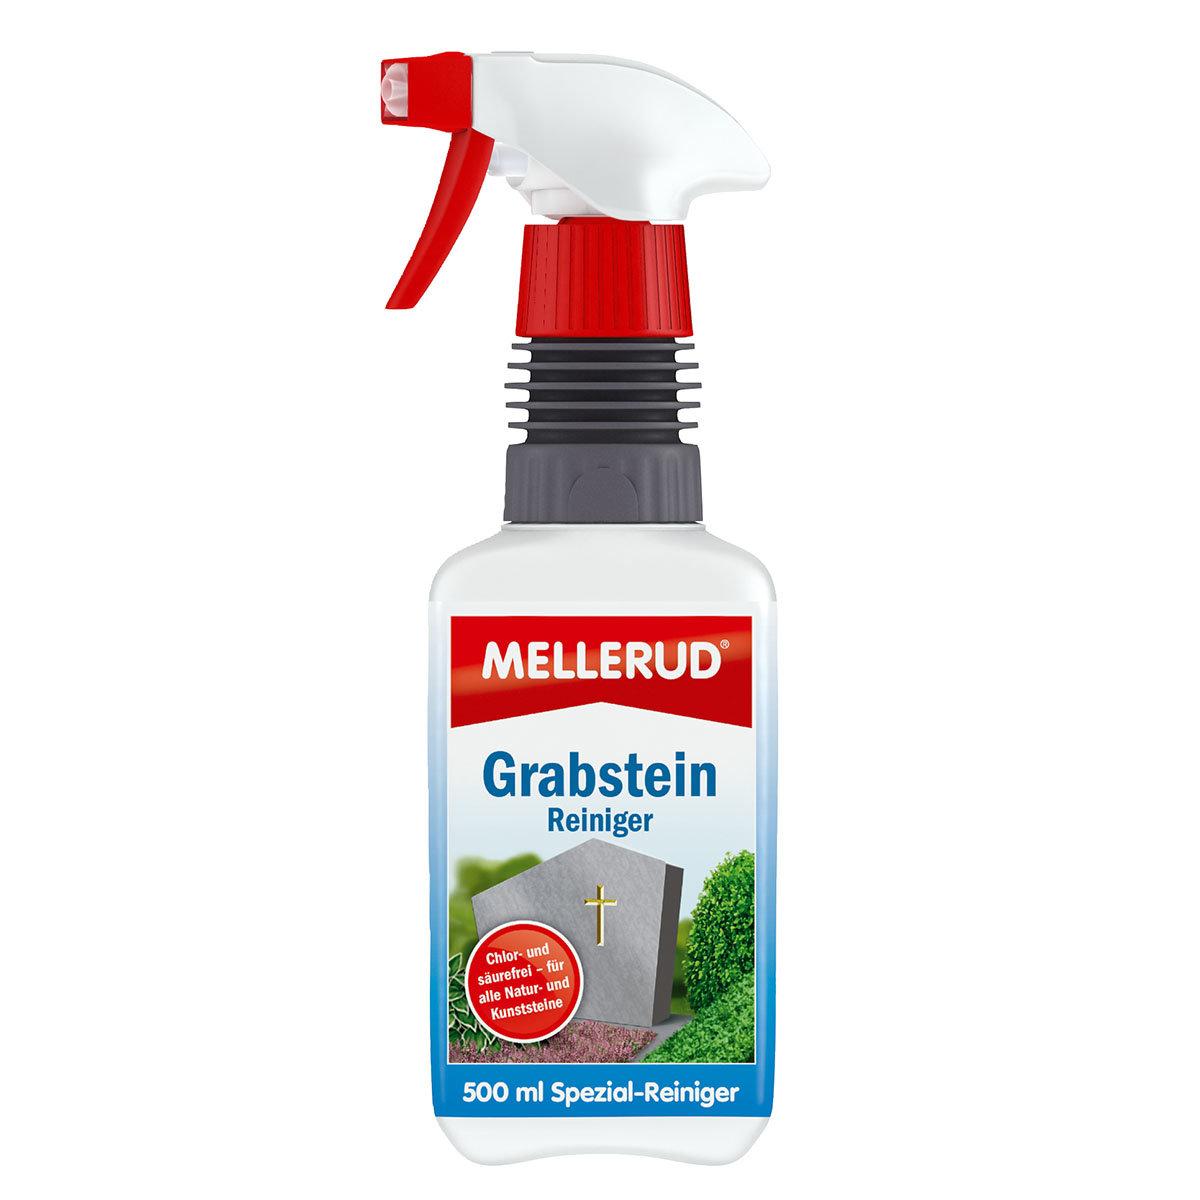 MELLERUD® Grabstein Reiniger 0,5 l